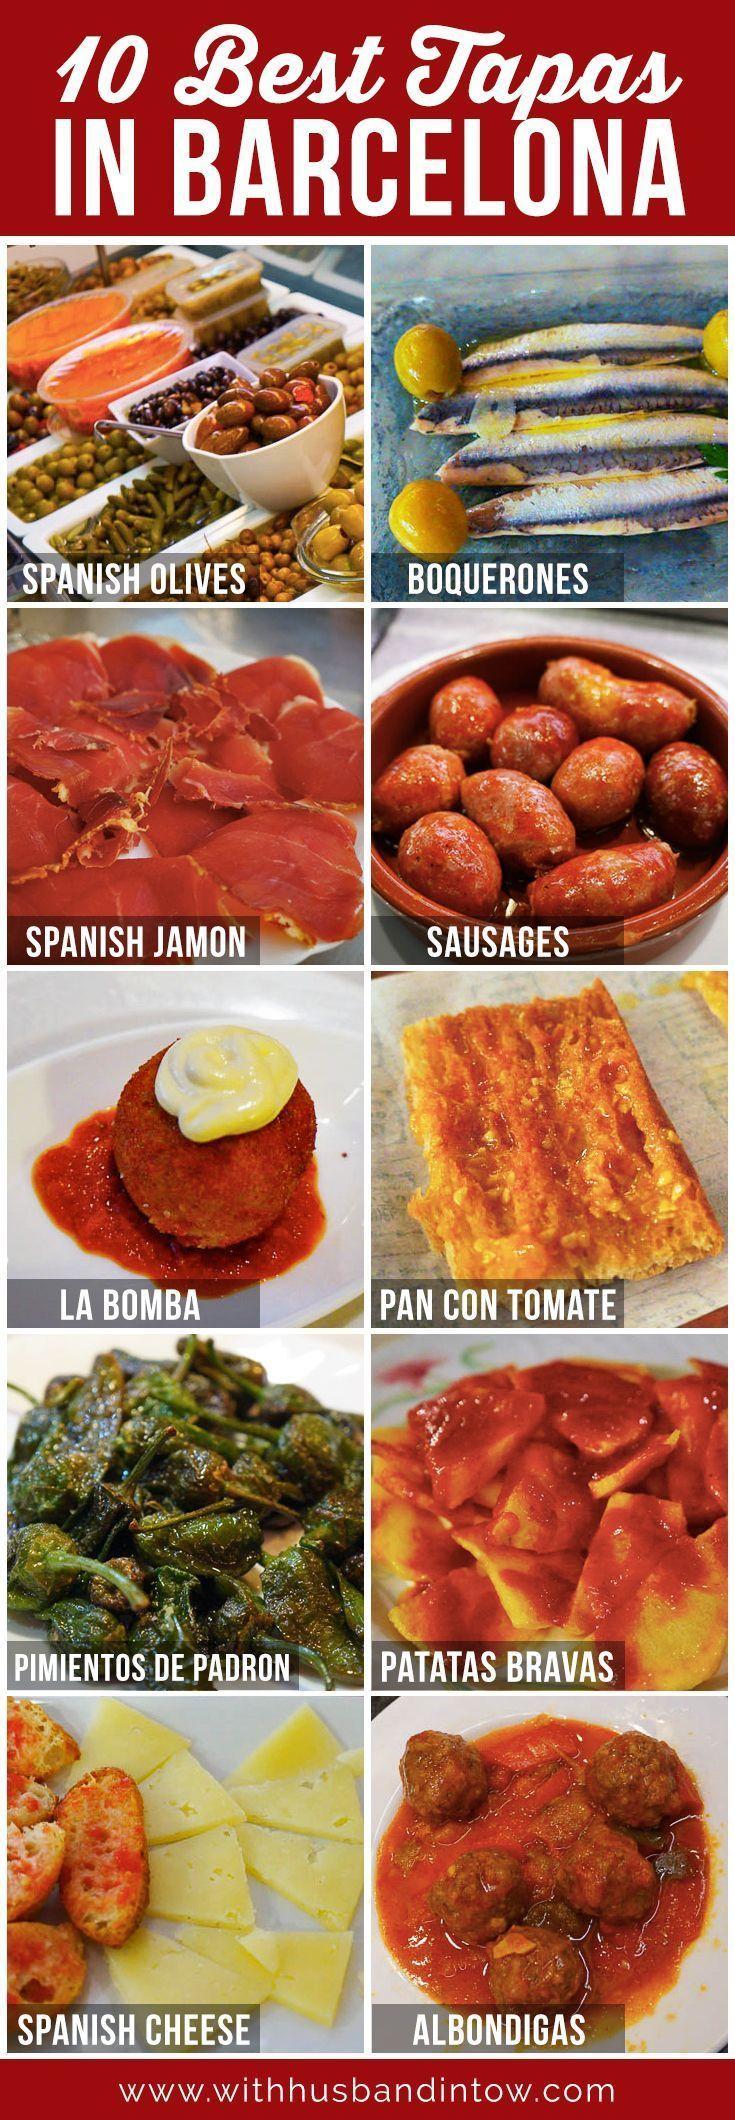 10 Best Tapas In Barcelona A Barcelona Tapas Guide Spain Travel Best Tapas Spain Food Barcelona Food